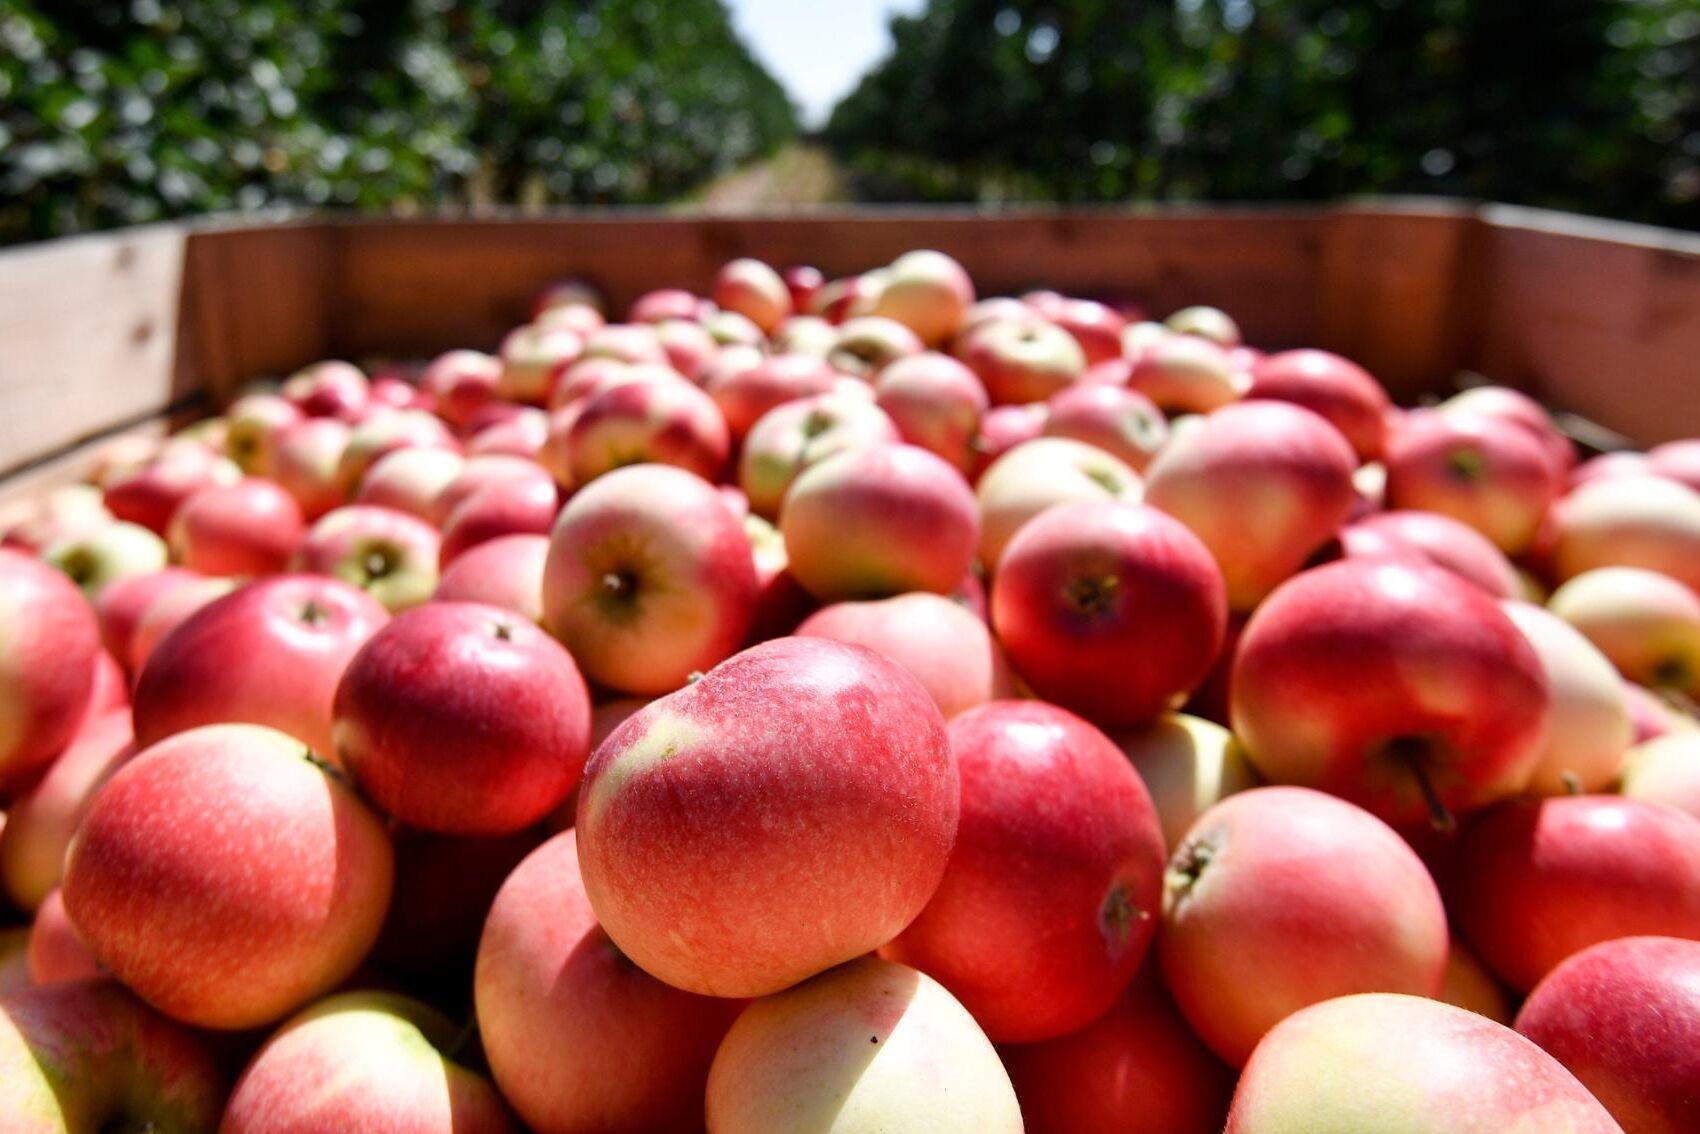 En skånsk fruktsprit gjord på äpplen måste byta namn på grund av alltför stora likheter med det skyddade franska varunamnet calvados, enligt en dom i förvaltningsrätten. Arkivbild.